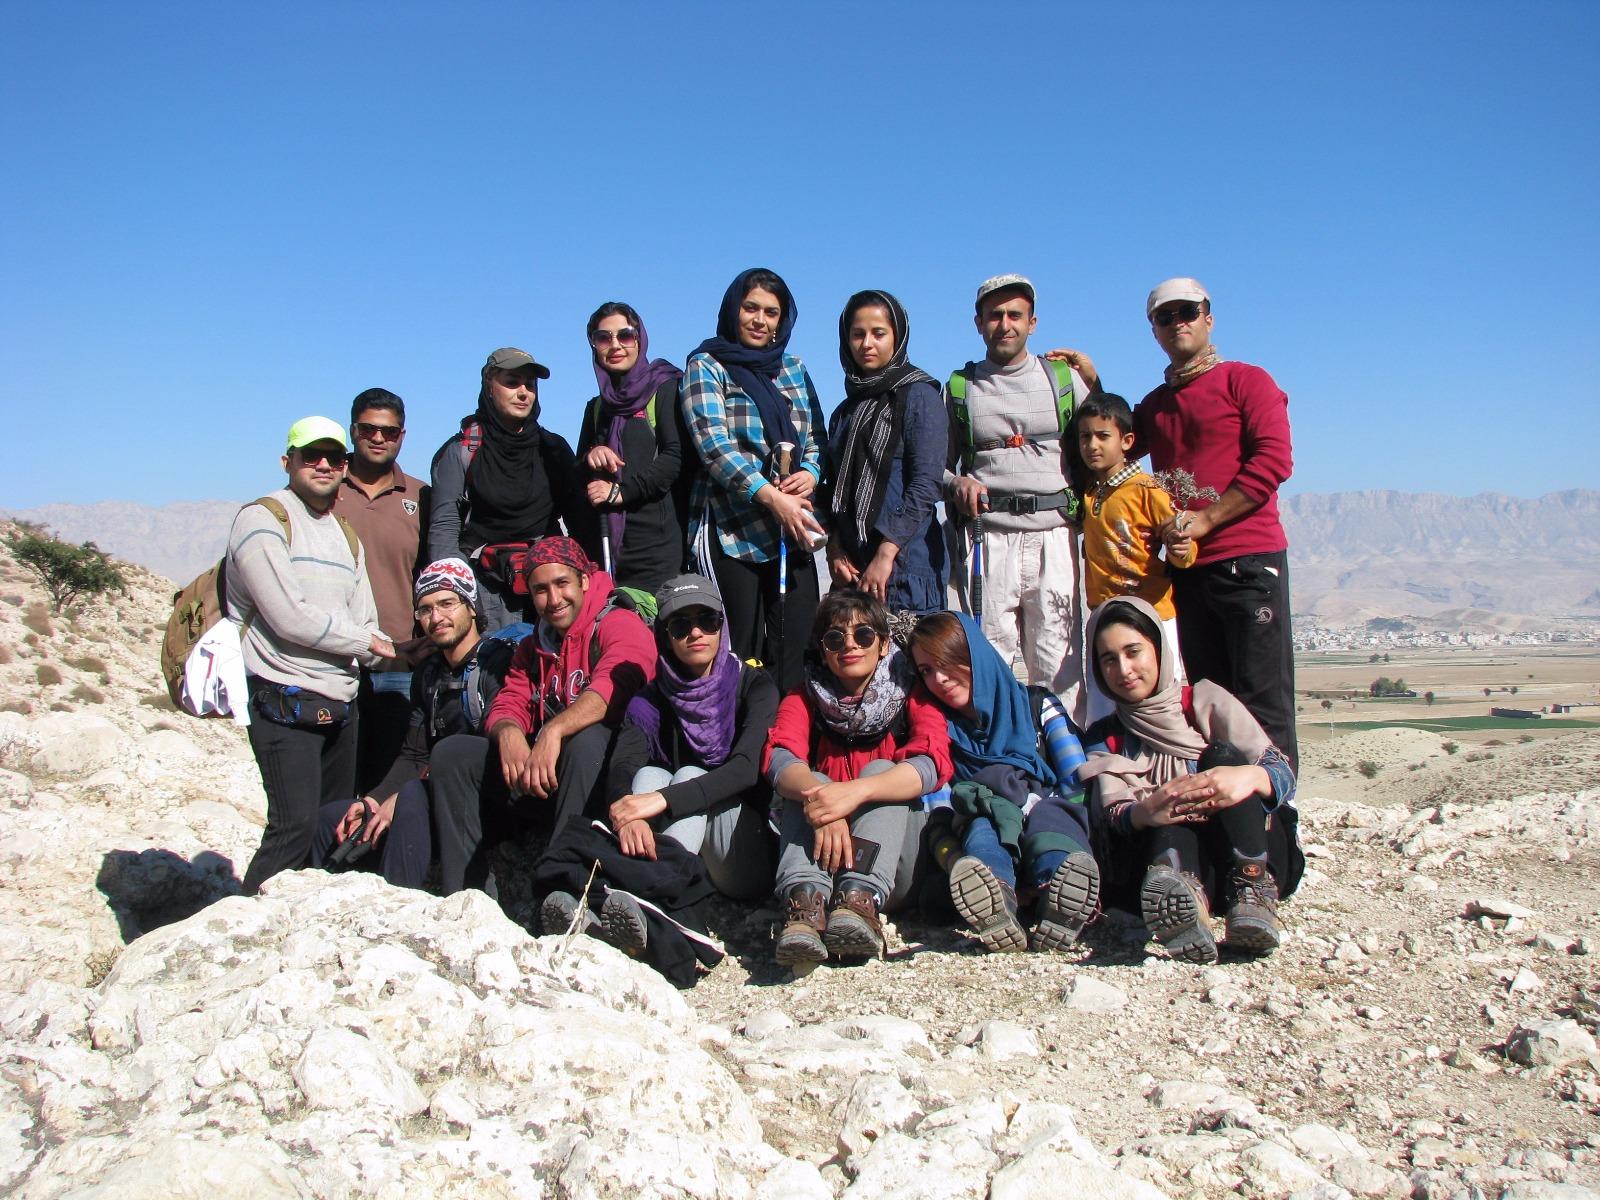 برنامه نیم روزه صعود به ارتفاعات دره سنجد